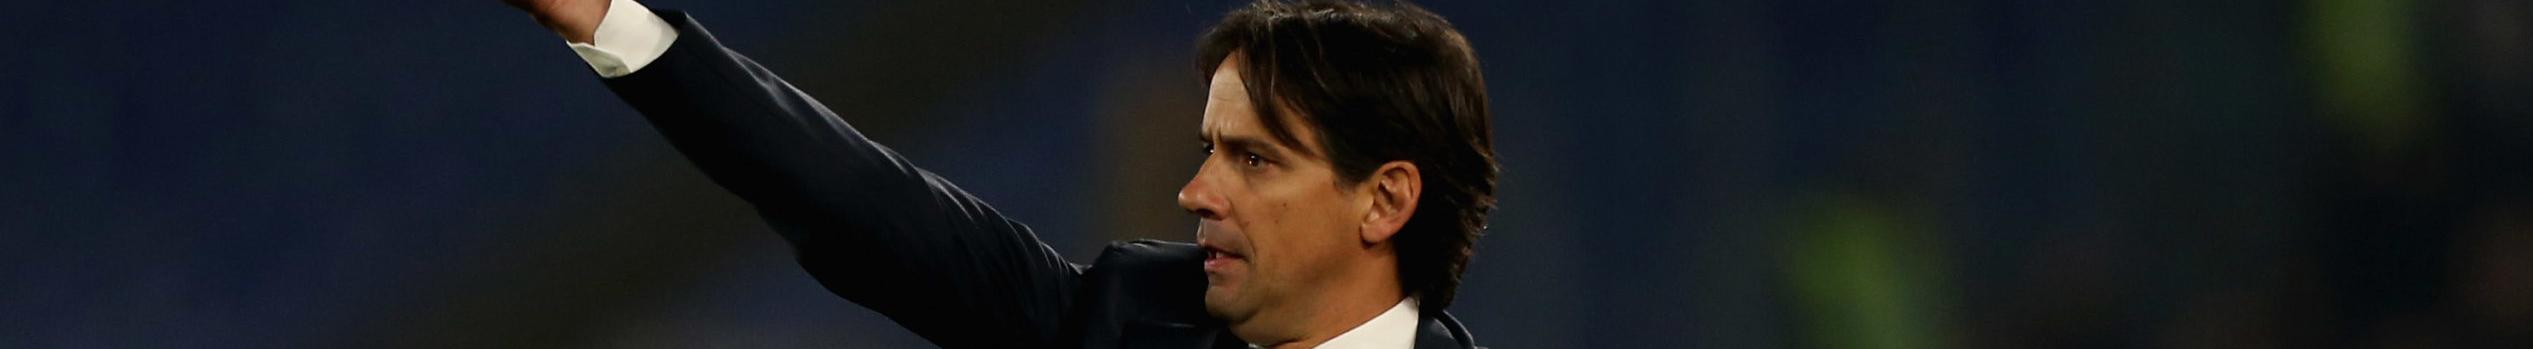 Lazio-Cremonese: pronostico tutto da una parte, la pressione è tutta sui biancocelesti